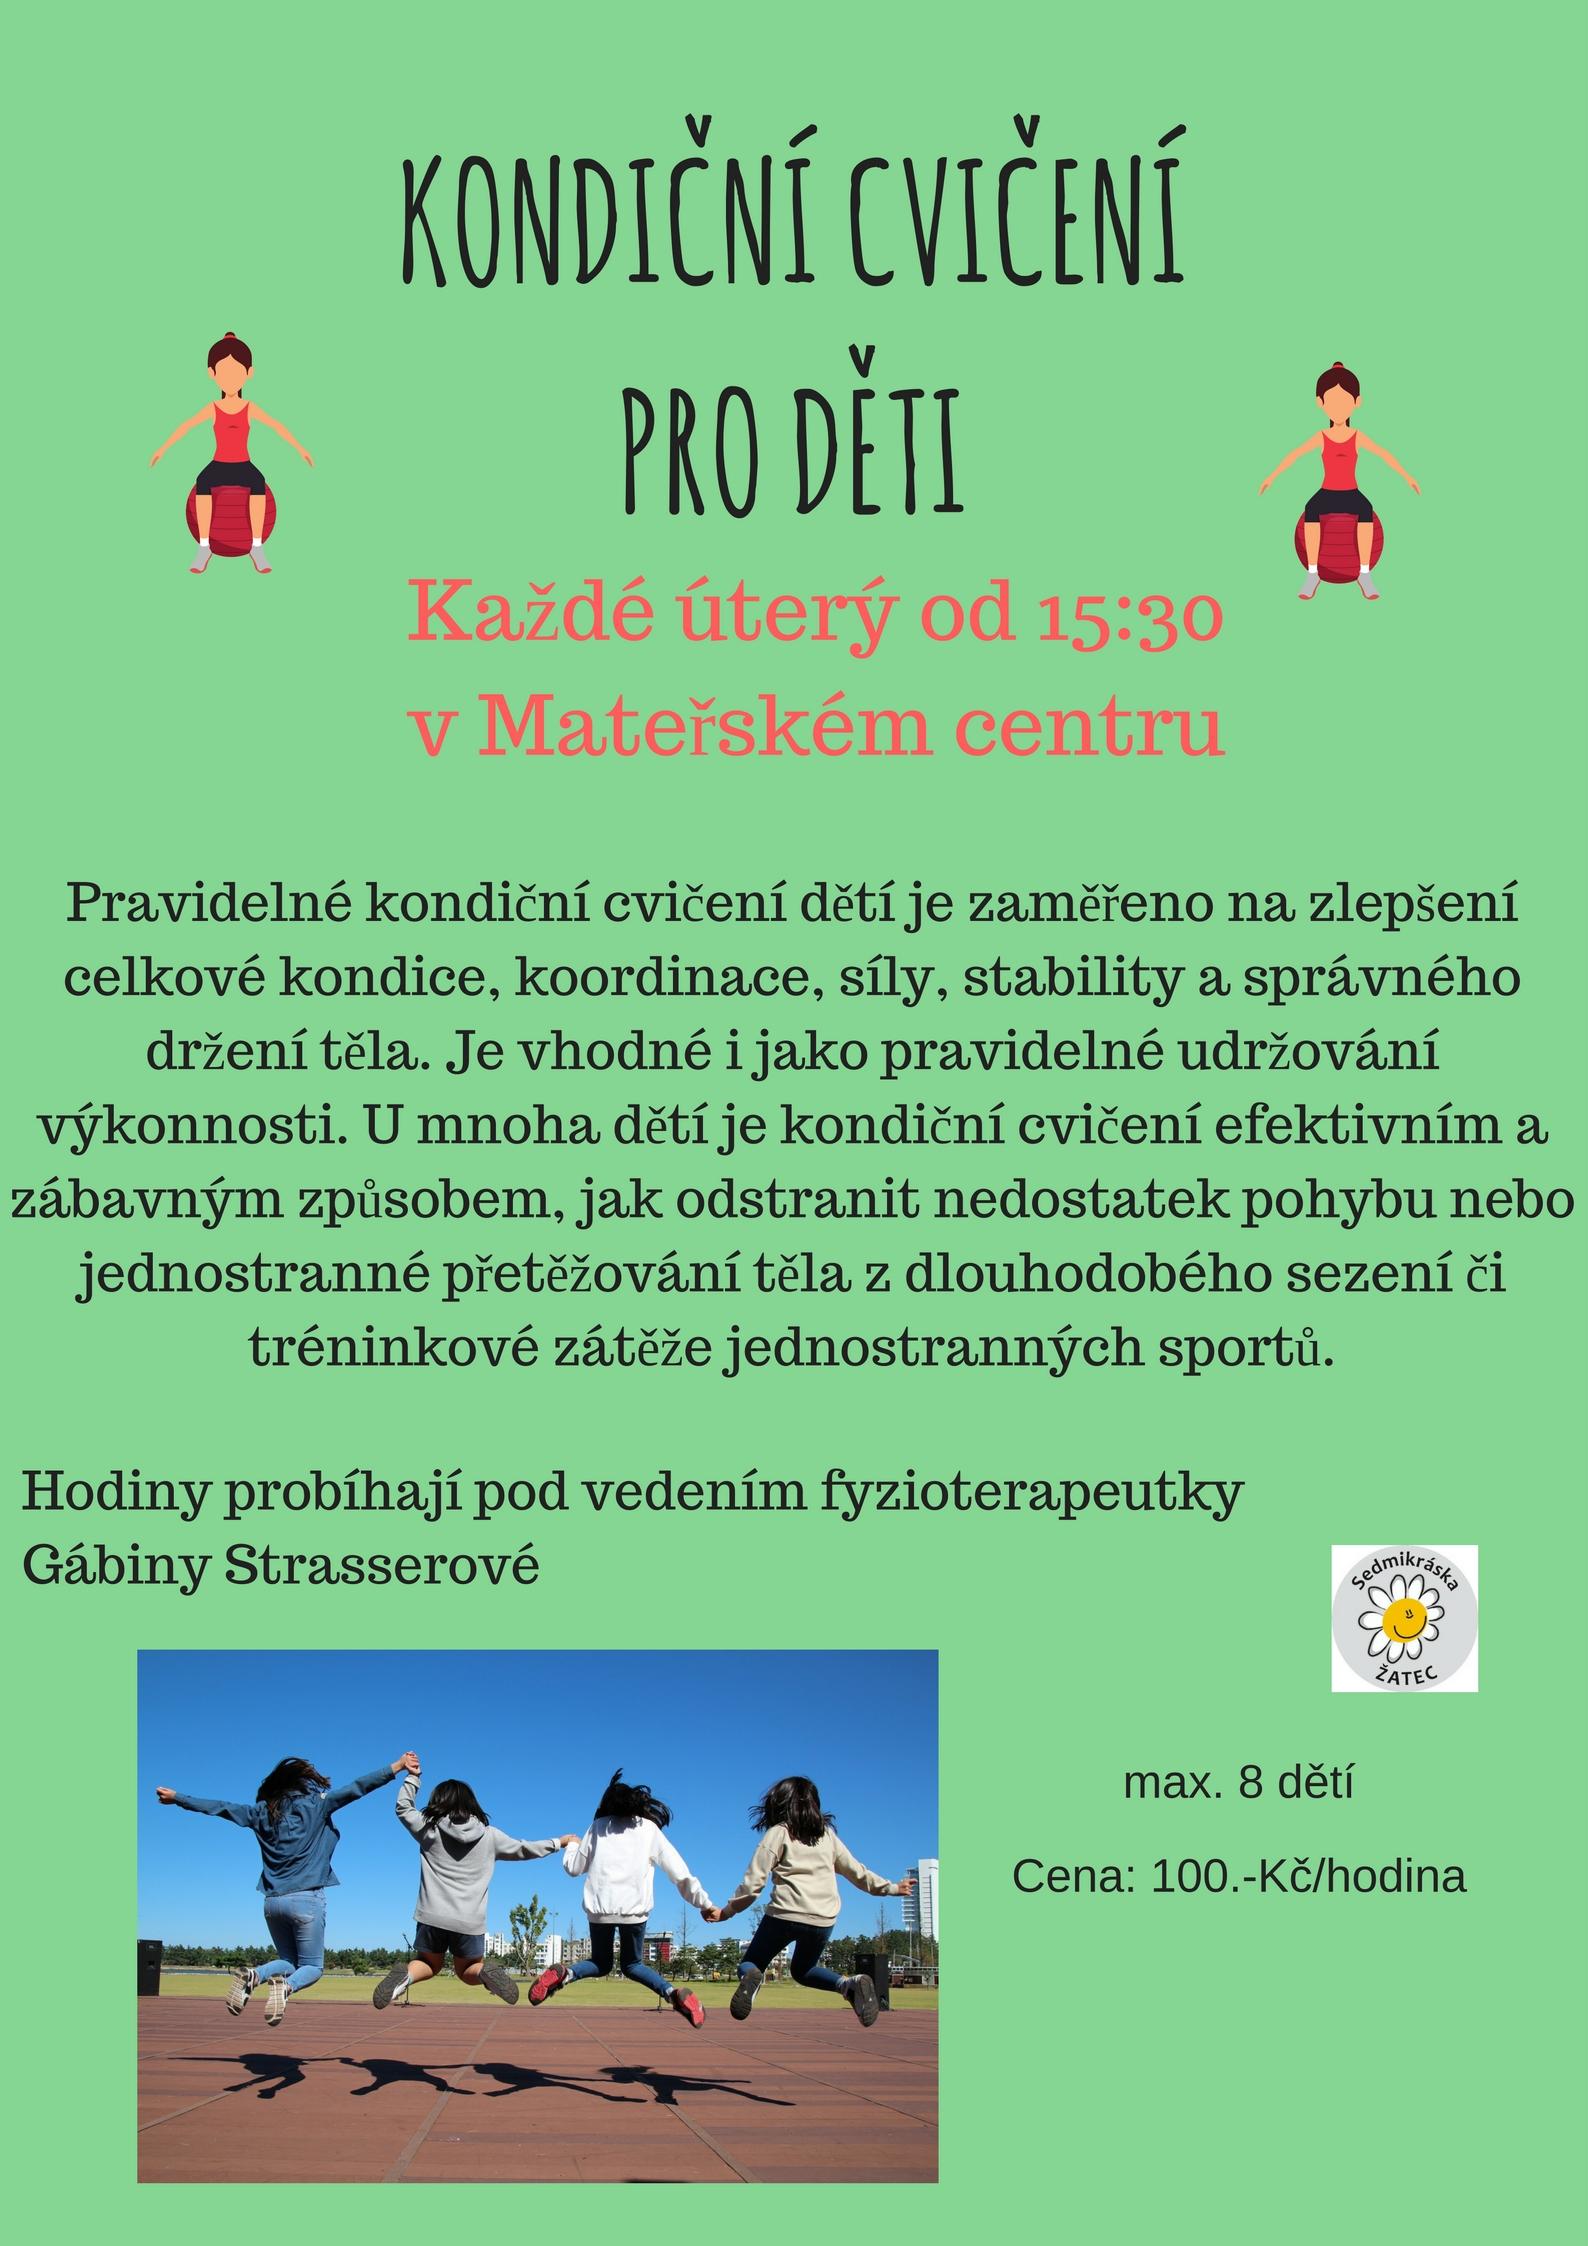 Sedmikráska - kondiční cvičenípro děti